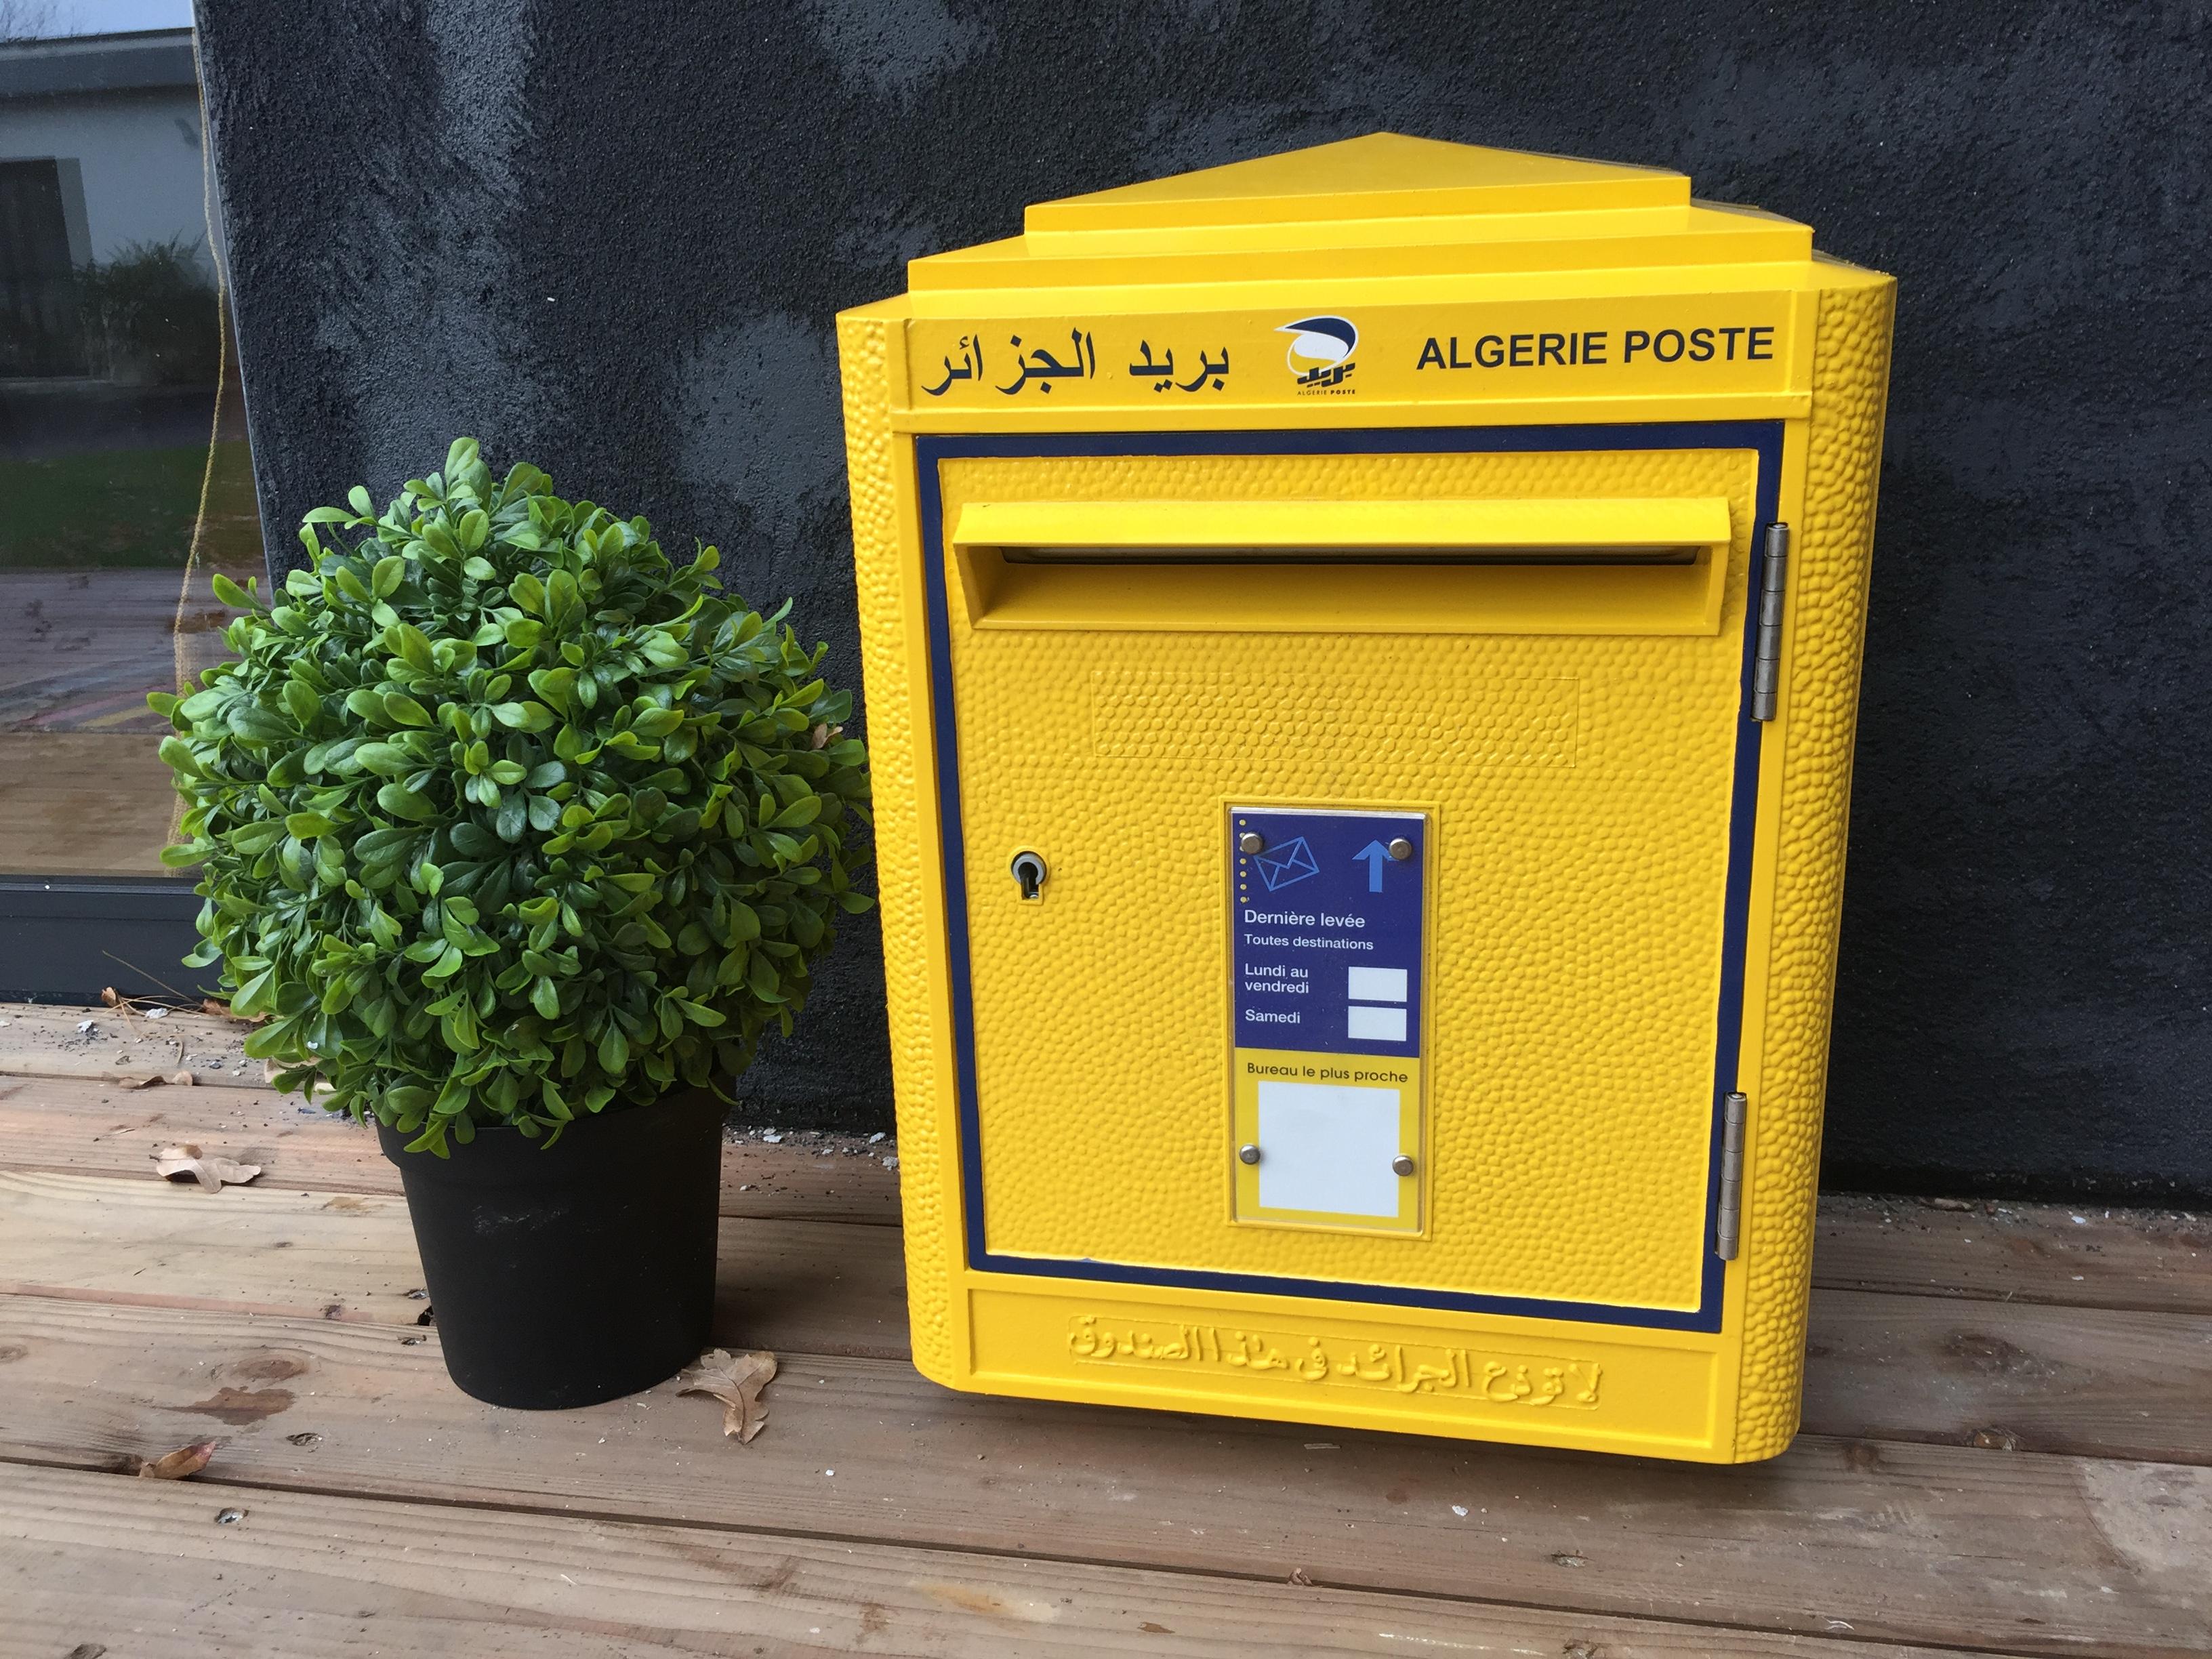 la boite jaune | boîte aux lettres originale algerienne